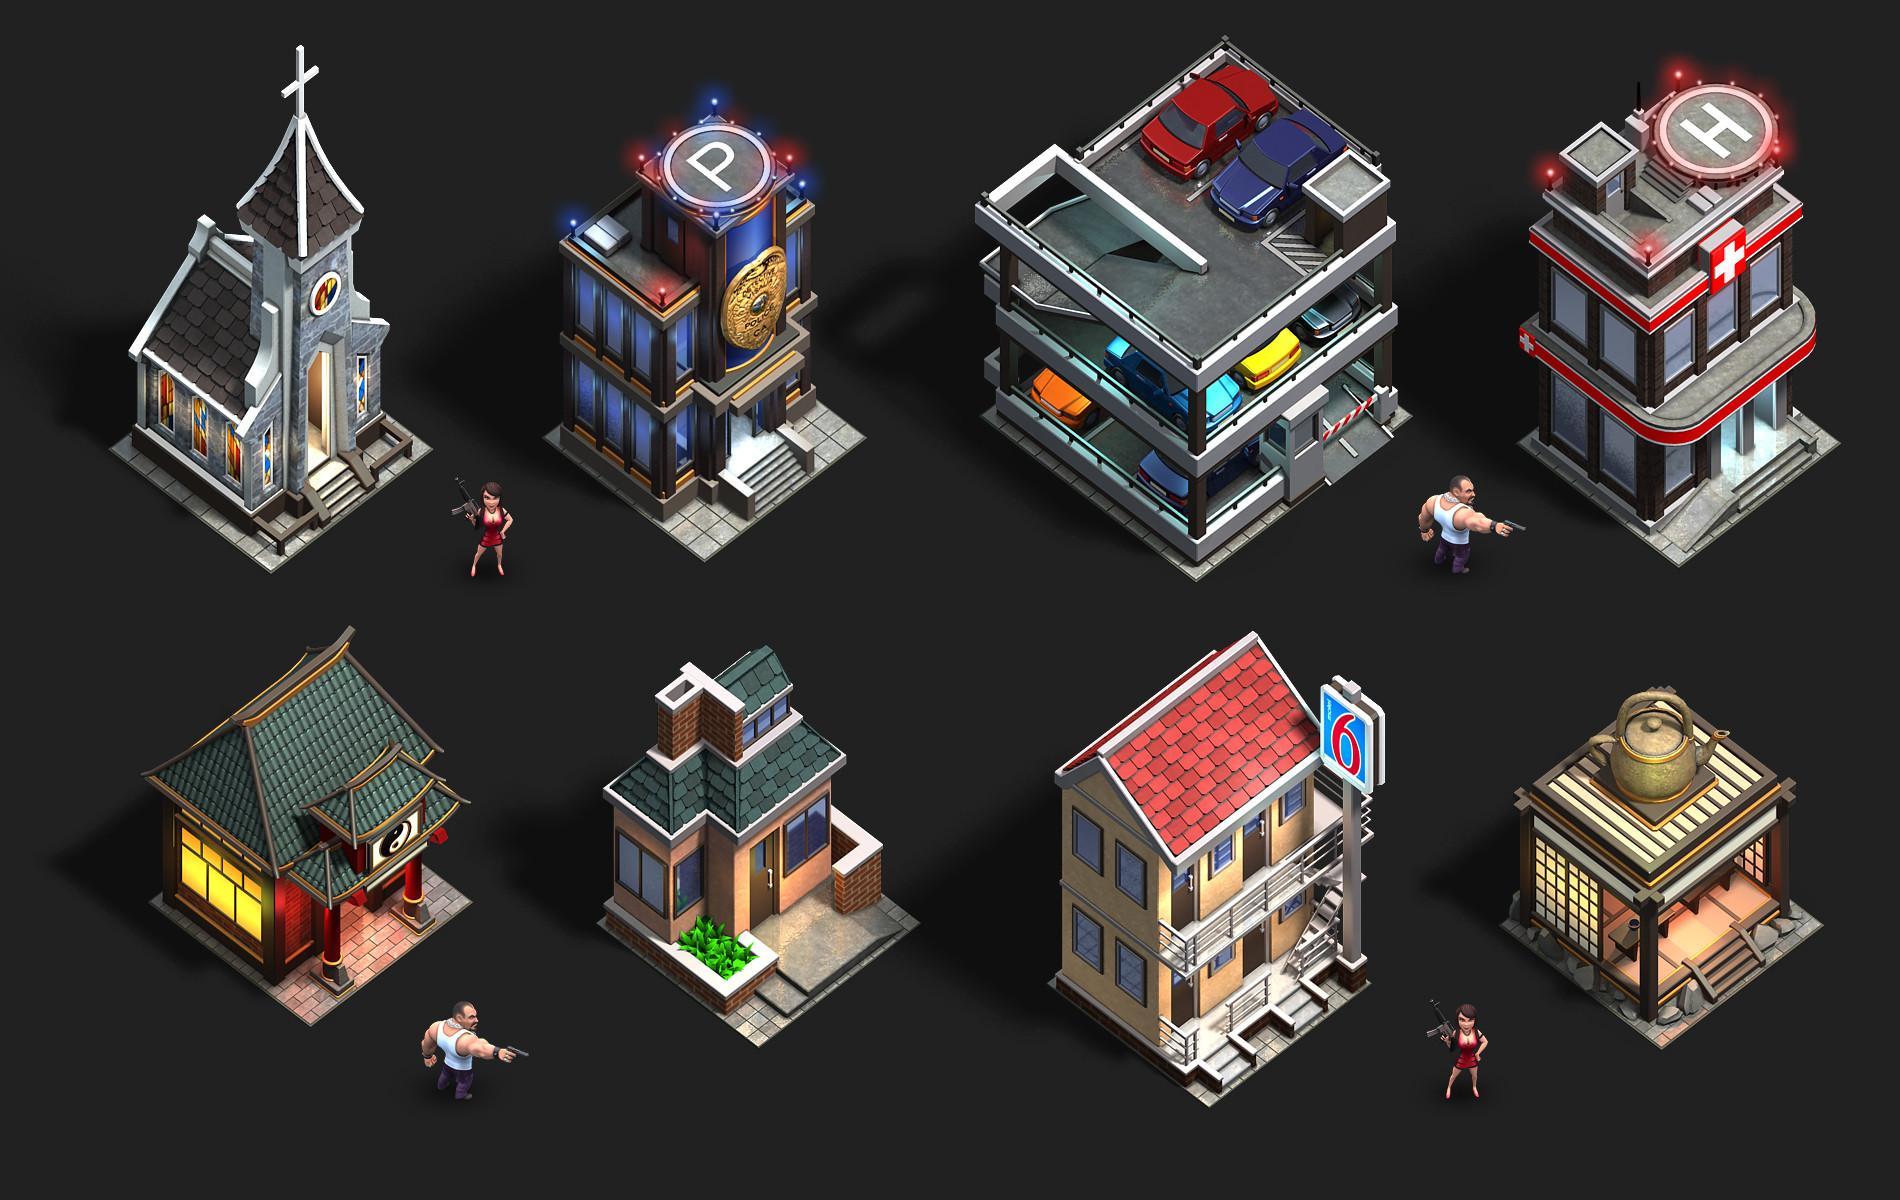 Vladimir voronov building2 preview 04